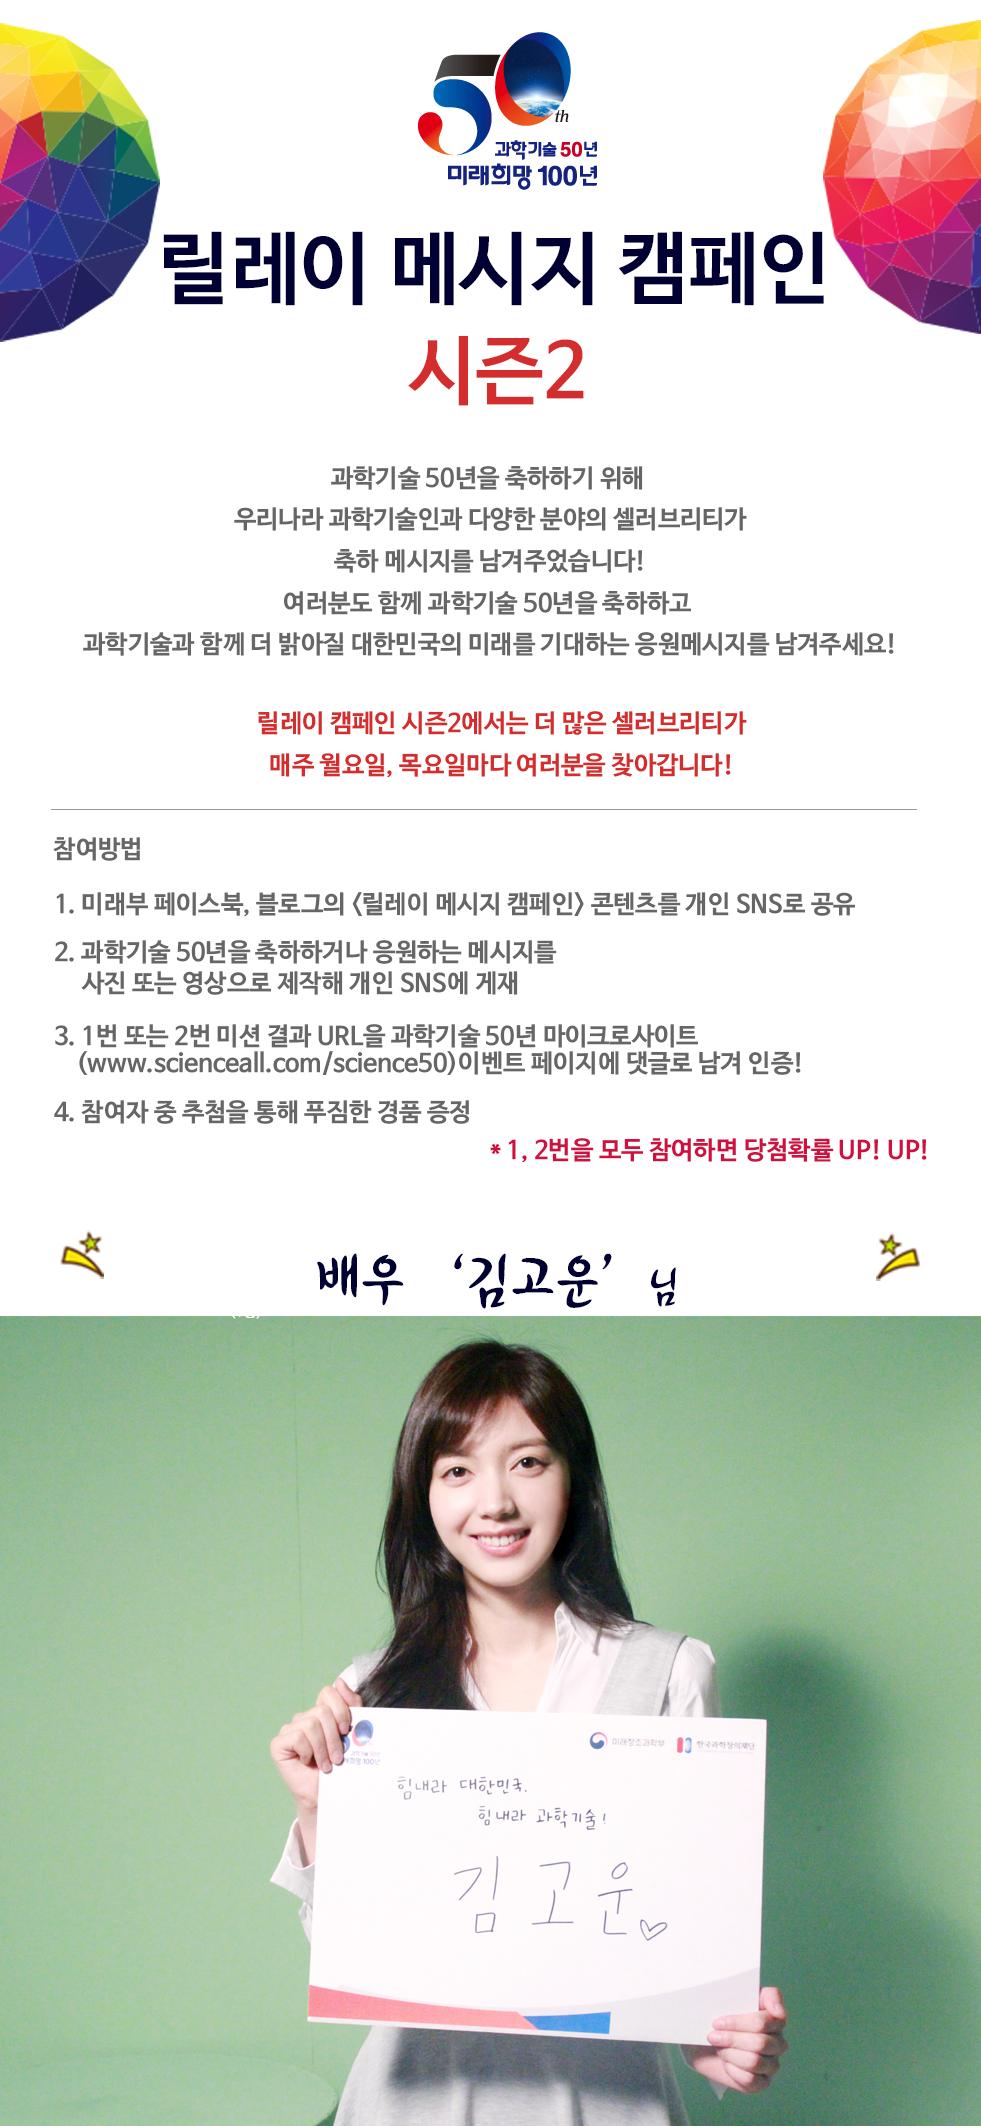 배우 김고운_50년사이트 및 블로그 게재용